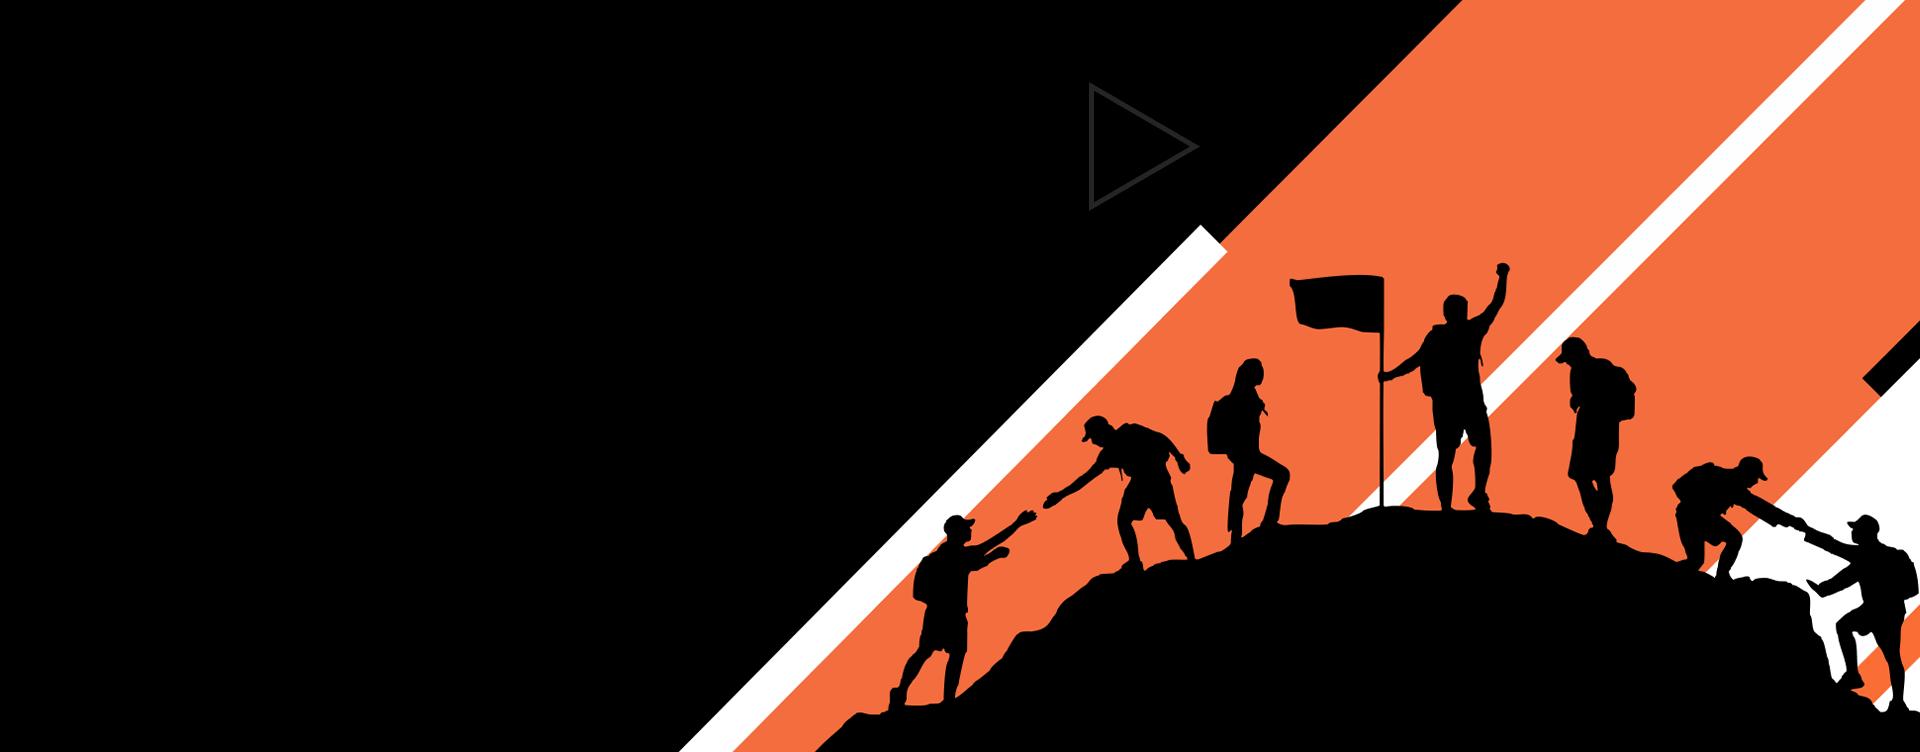 hero-banner-min